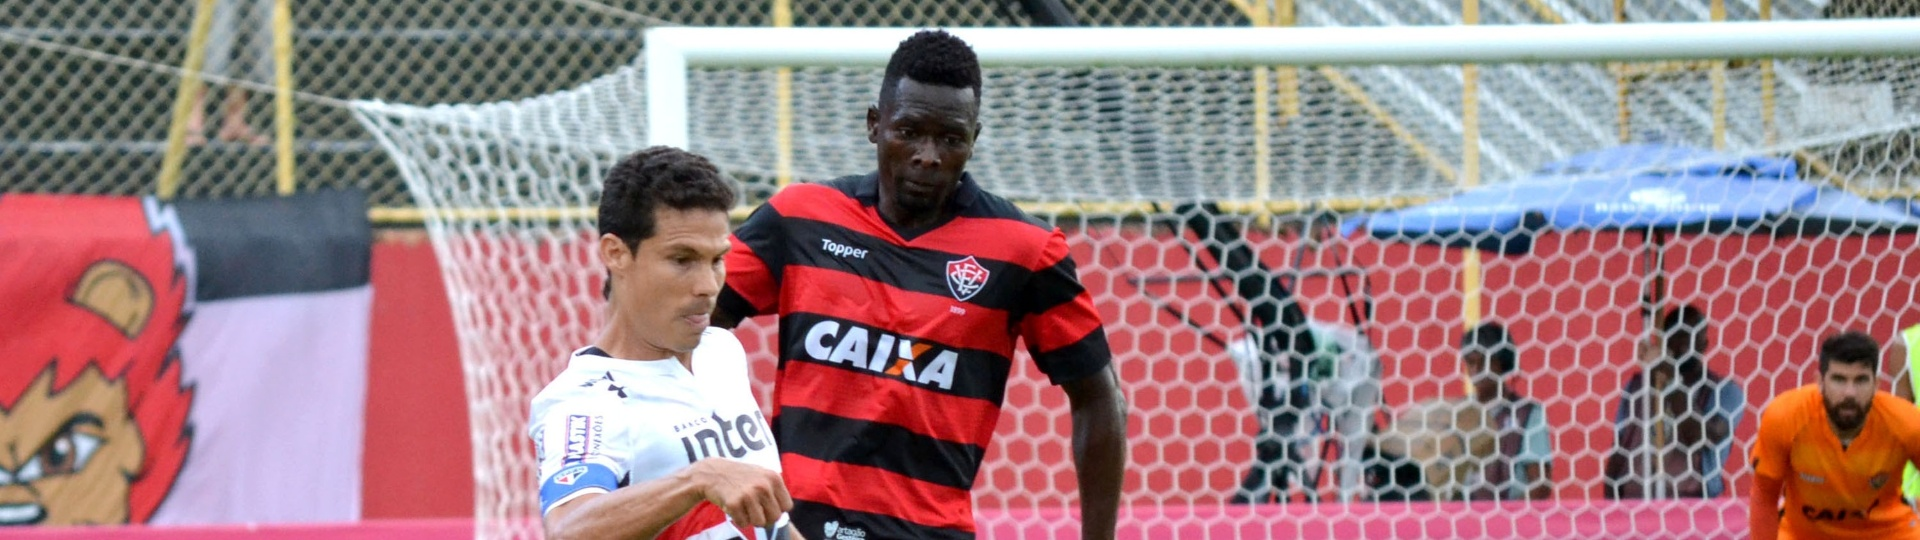 Hernanes e Kanu disputam lance no jogo entre Vitória e São Paulo